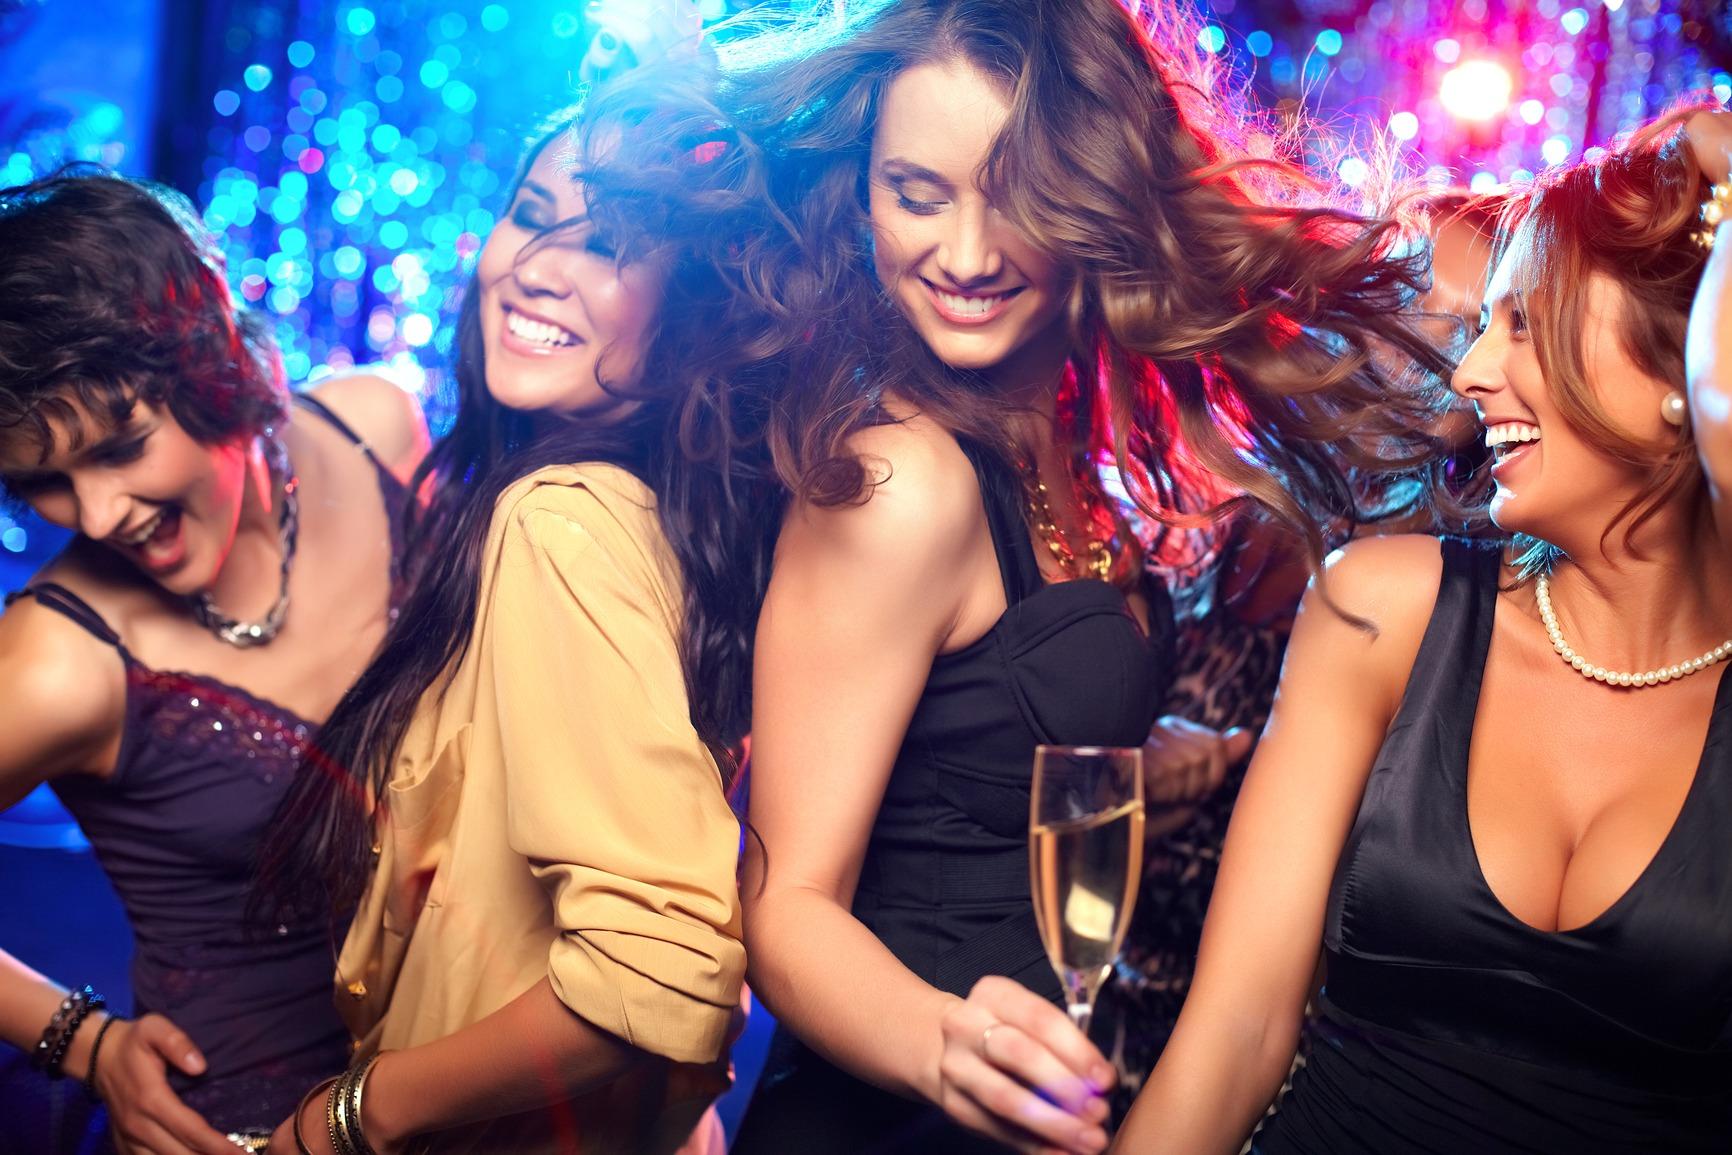 Тёлки танцуют ночном клубе 7 фотография